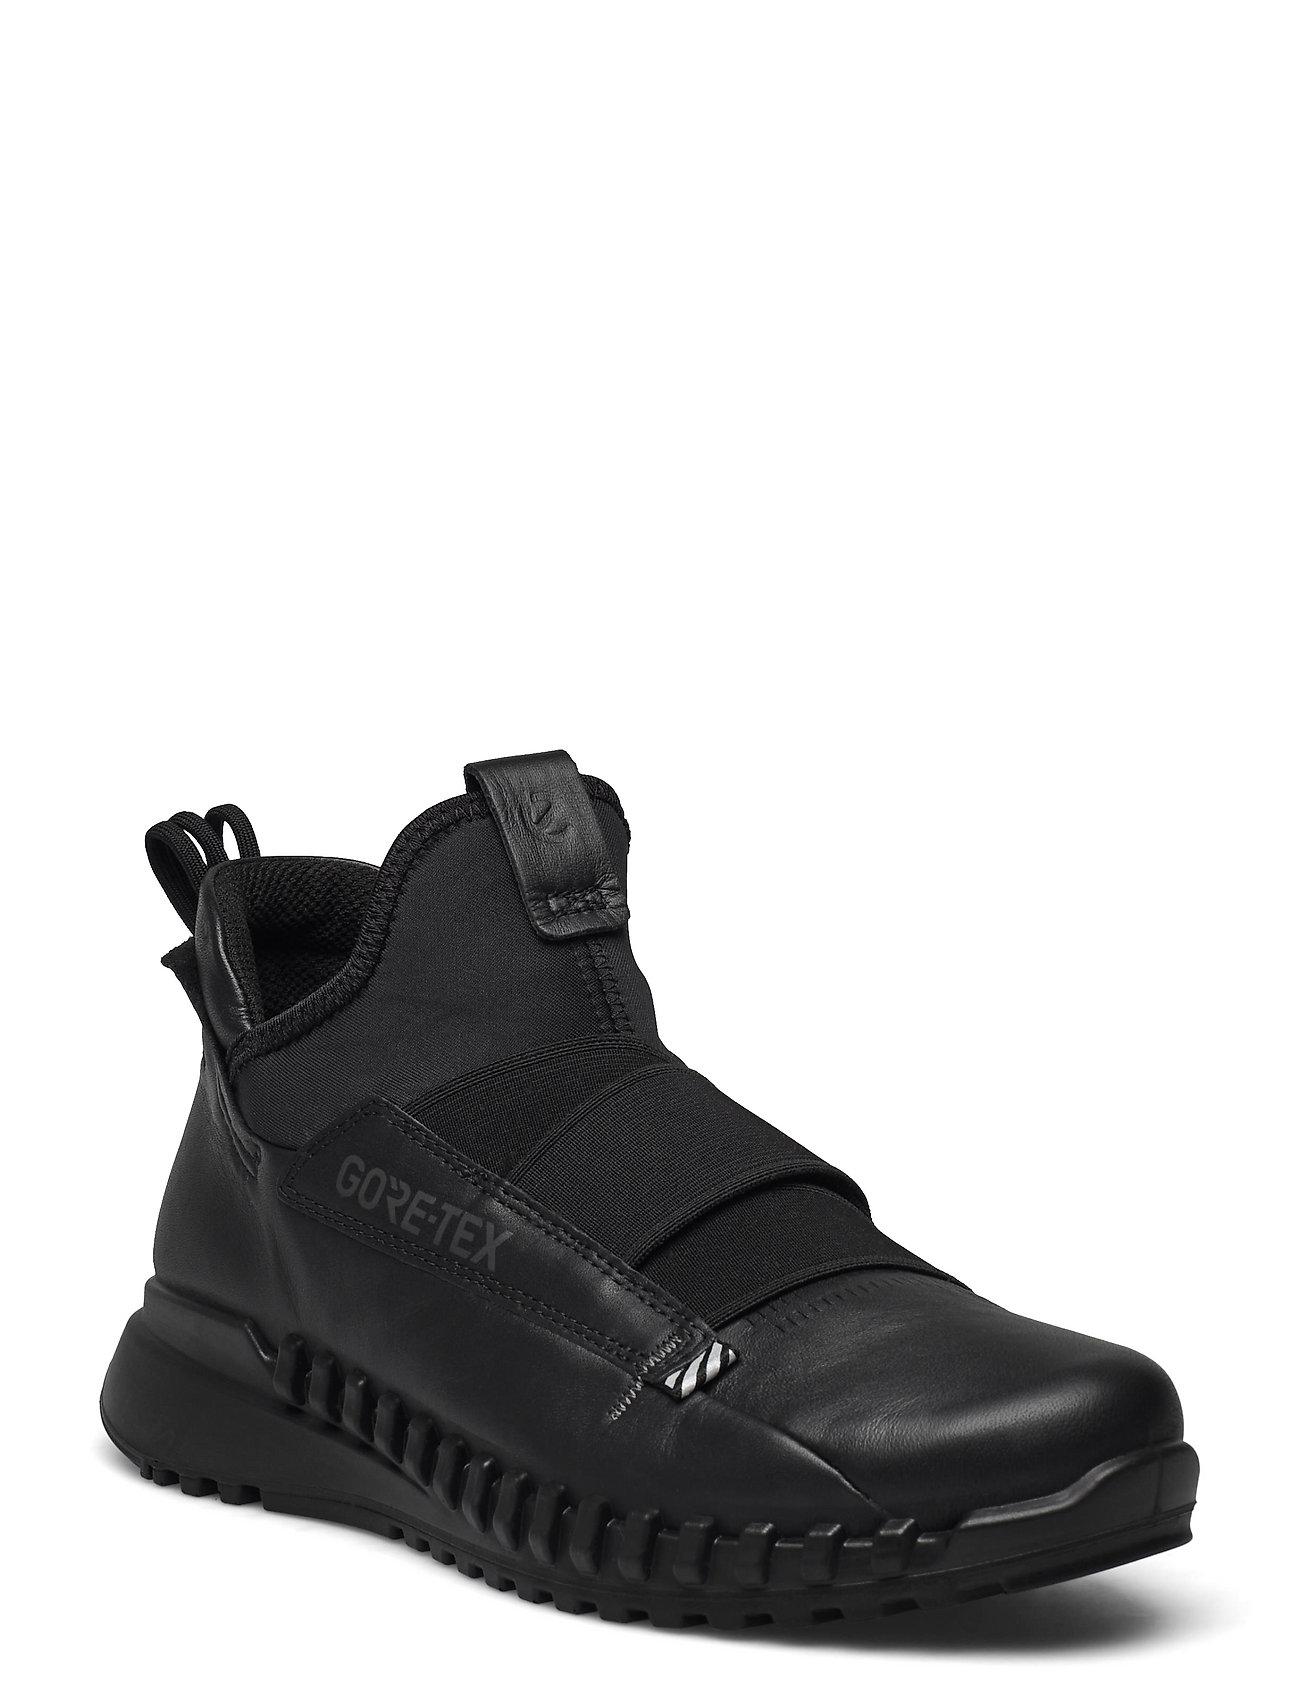 Zipflex W Sneakers Sort ECCO